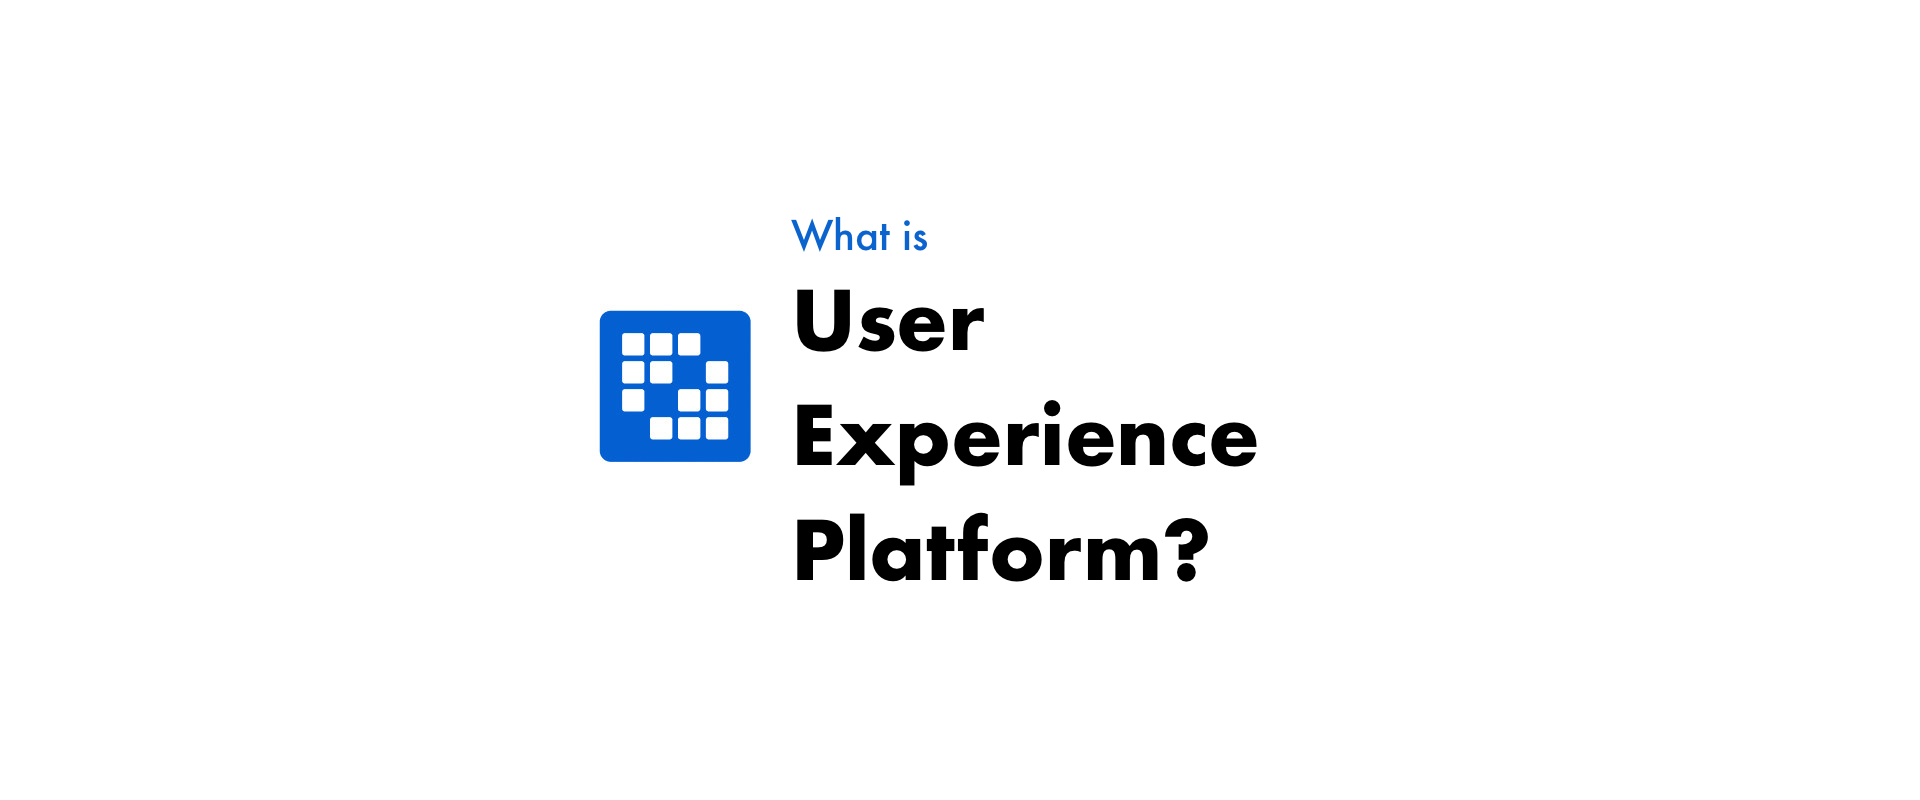 ユーザエクスペリエンスプラットフォーム(UXP)とは